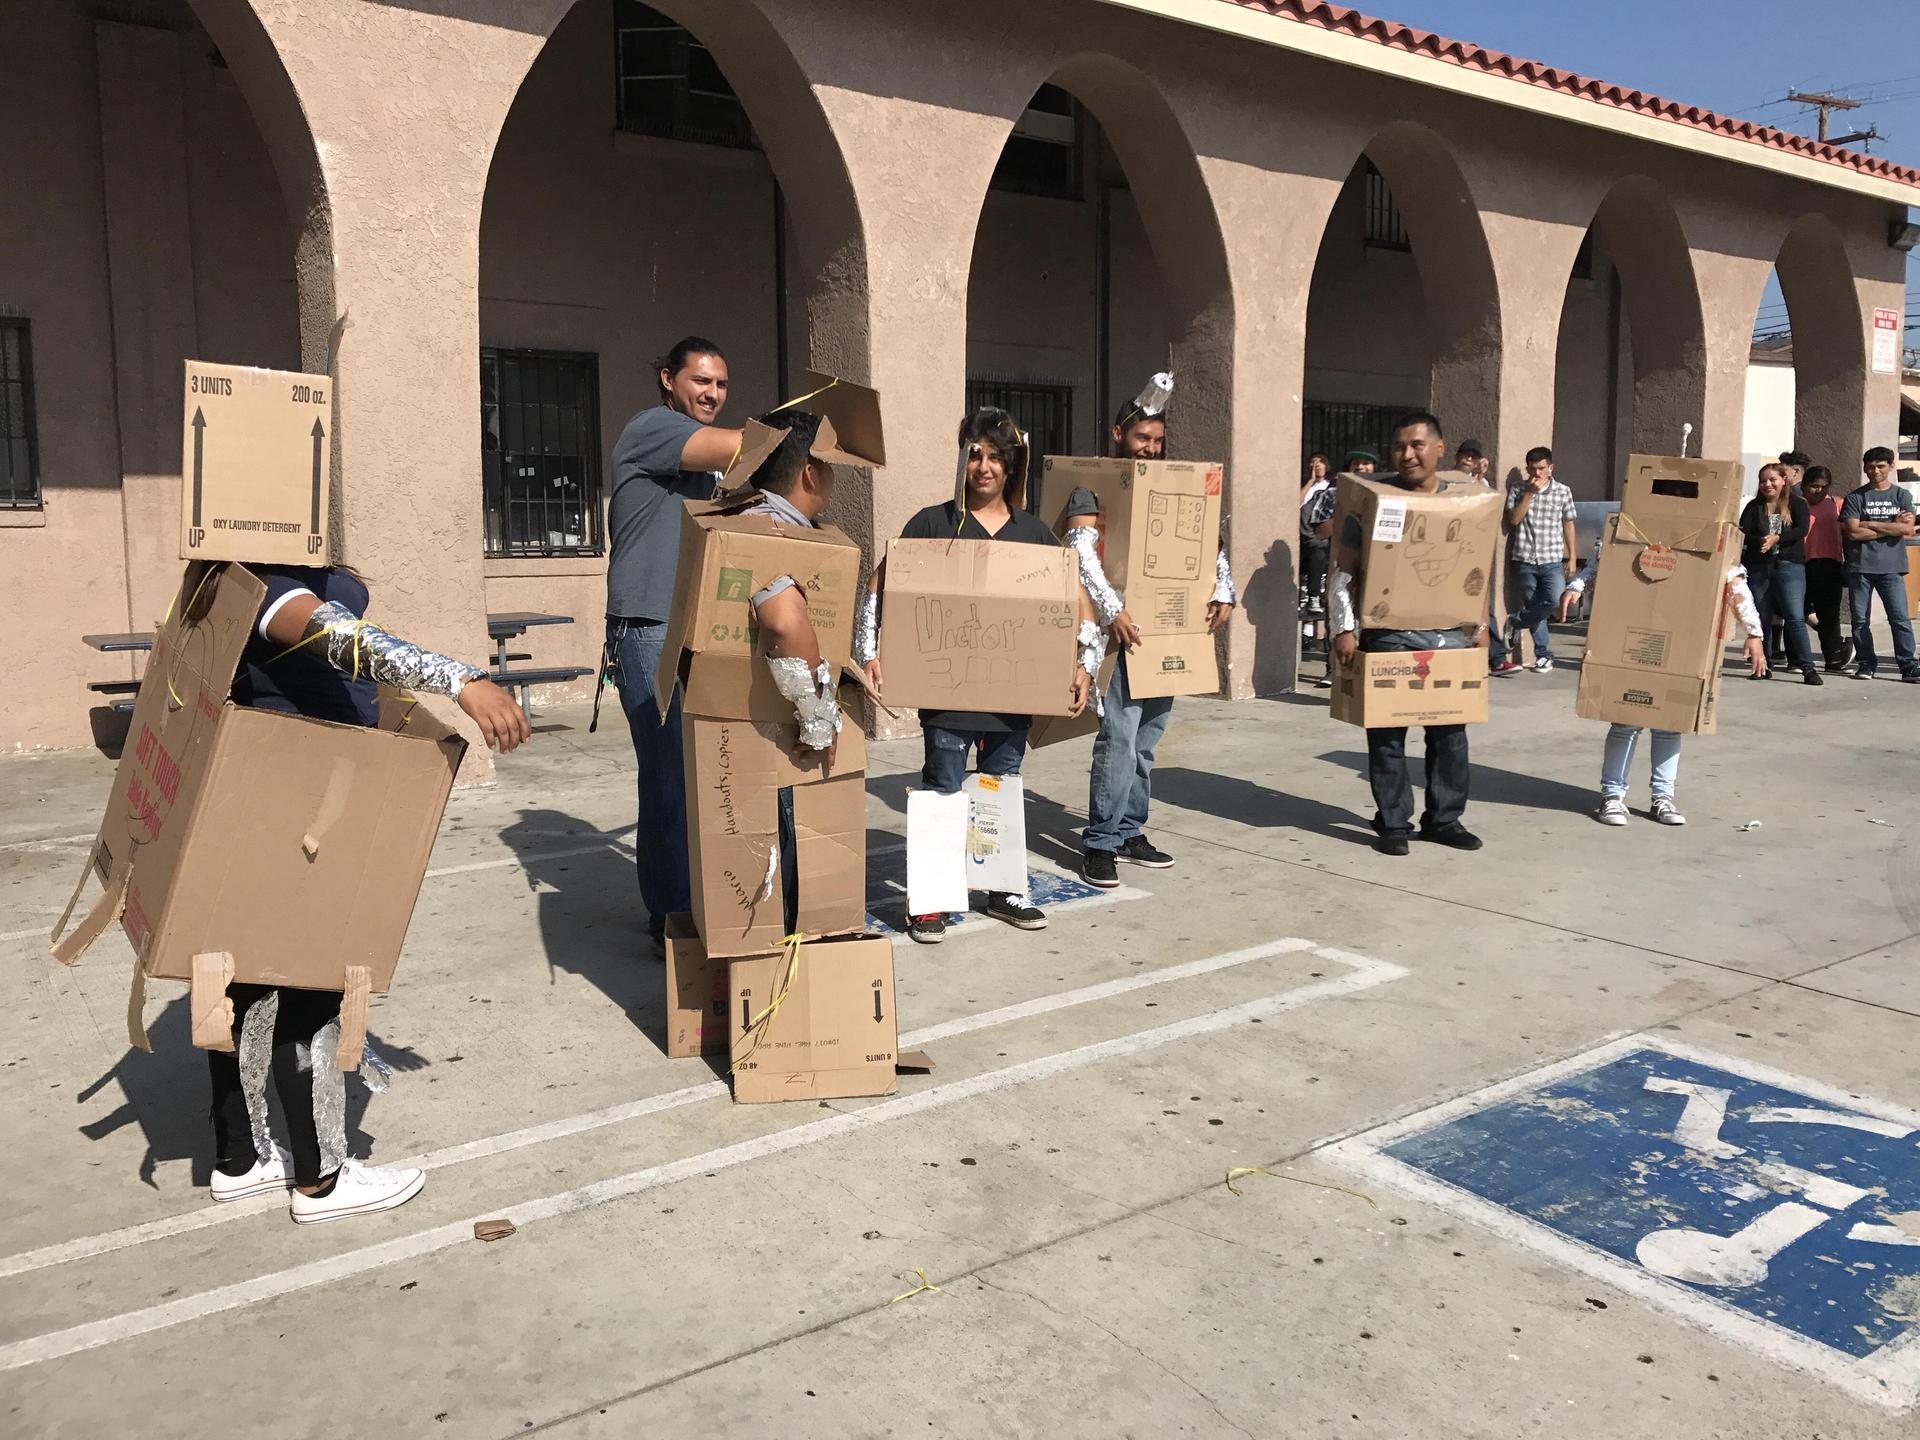 LA CAUSA student dress as robots